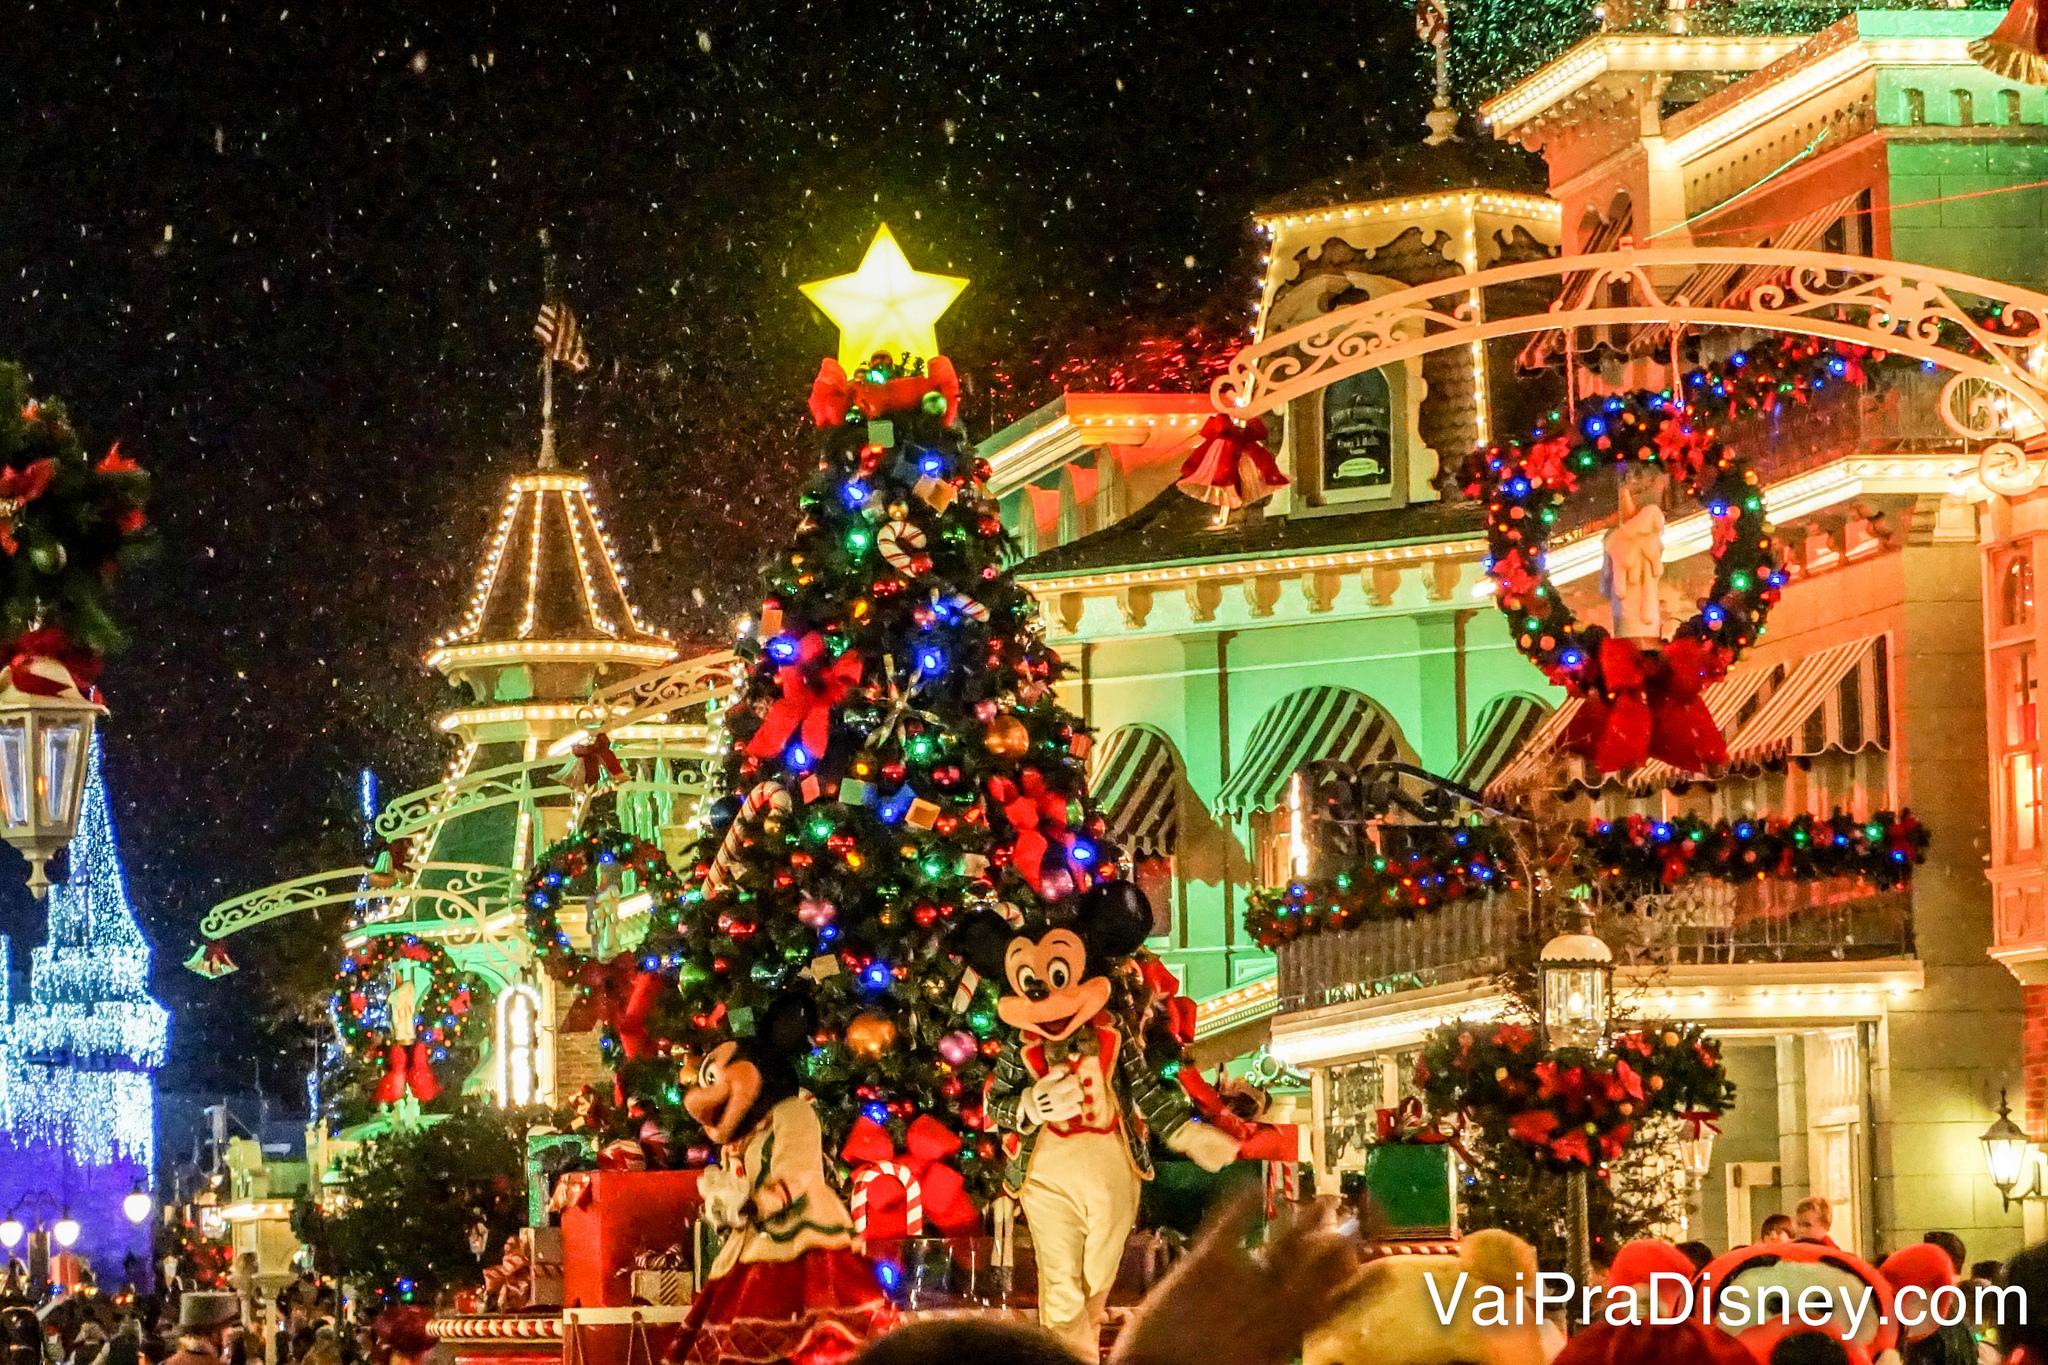 Eventos especiais como a festa de Natal, Halloween, Extra Magic Hour afetam a sua programação, mesmo que você não vá participar deles!